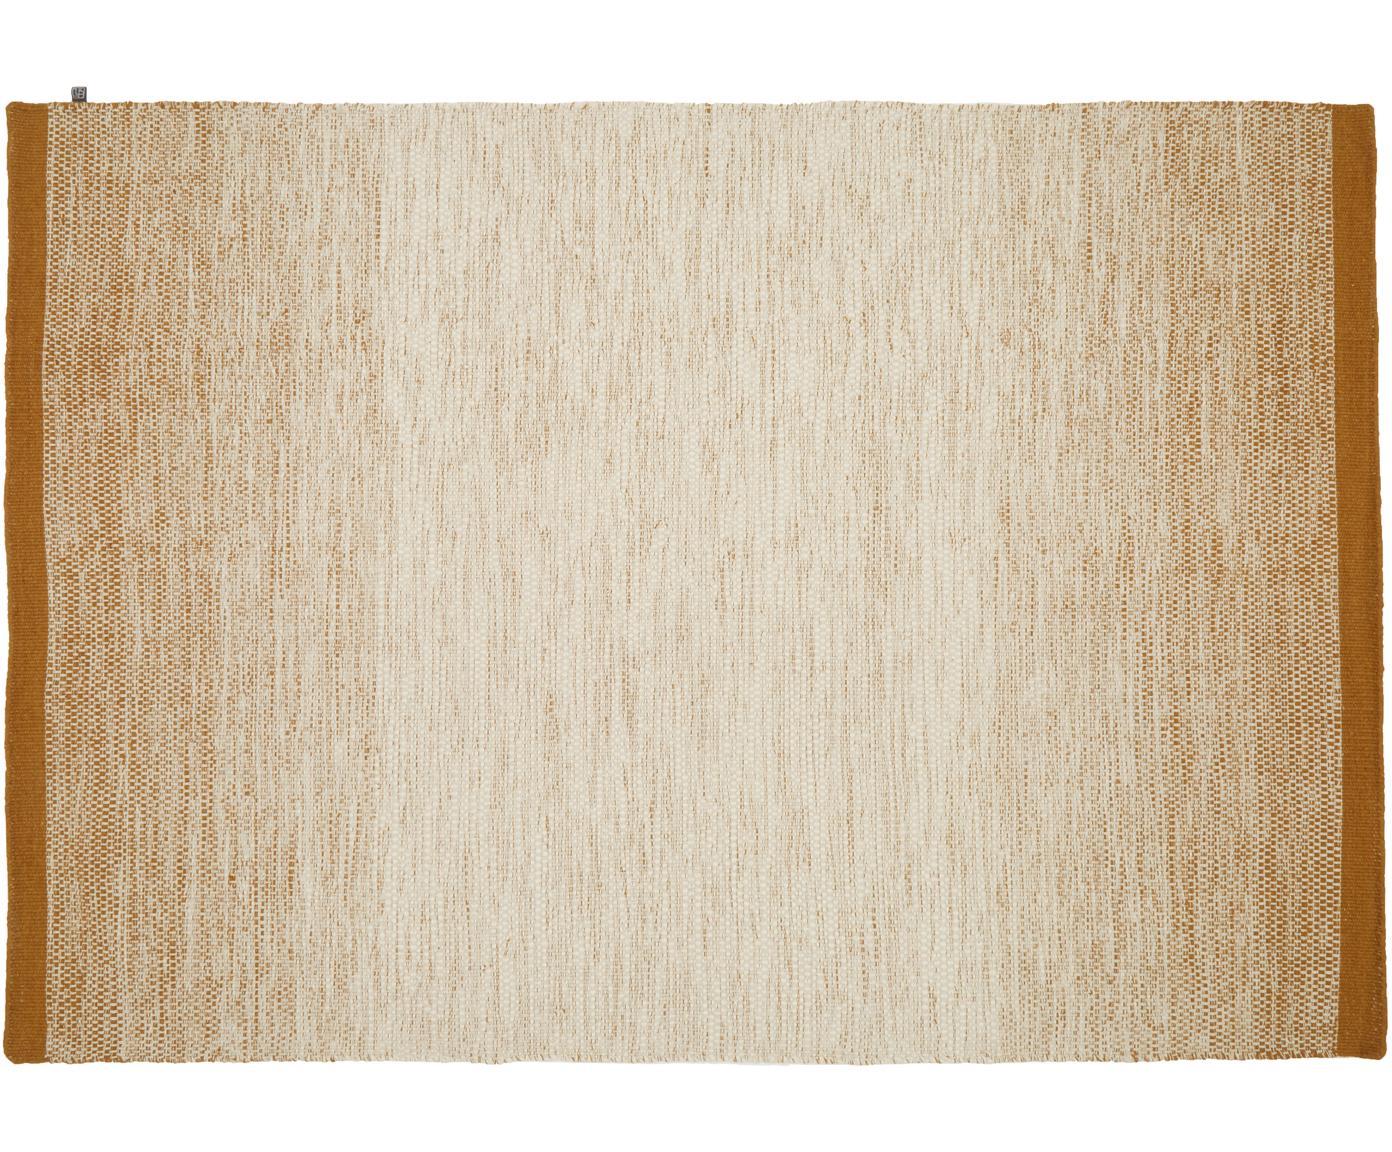 Alfombra artesanal de lana Lule, 70%lana, 30%algodón, Amarillo ocre, beige, An 140 x L 200 cm (Tamaño S)